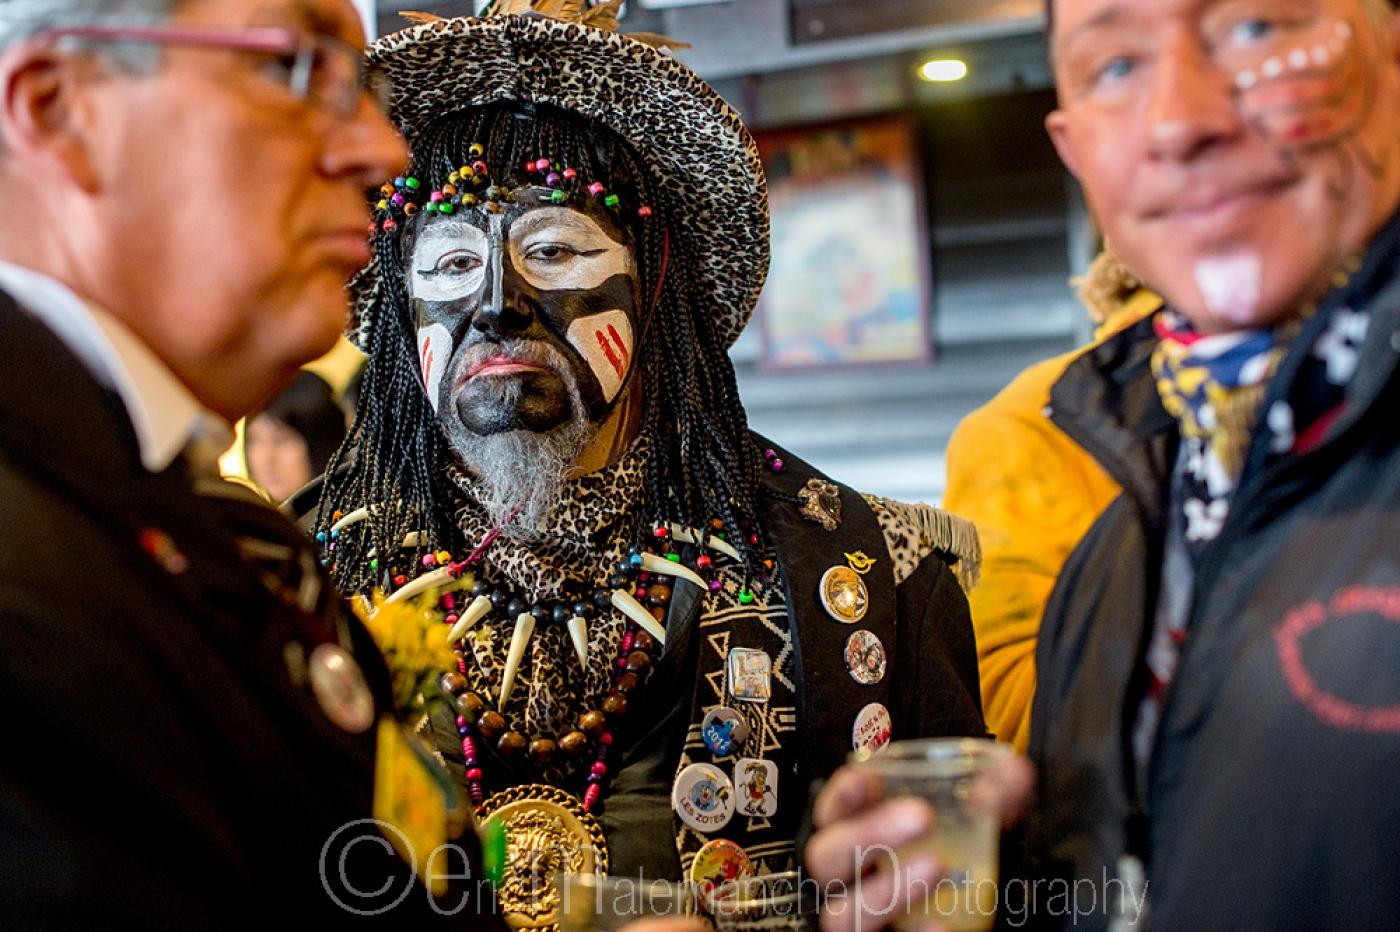 https://www.ericmalemanche.com/imagess/topics/carnaval-de-dunkerque/liste/Carnaval-Dunkerque-5780.jpg